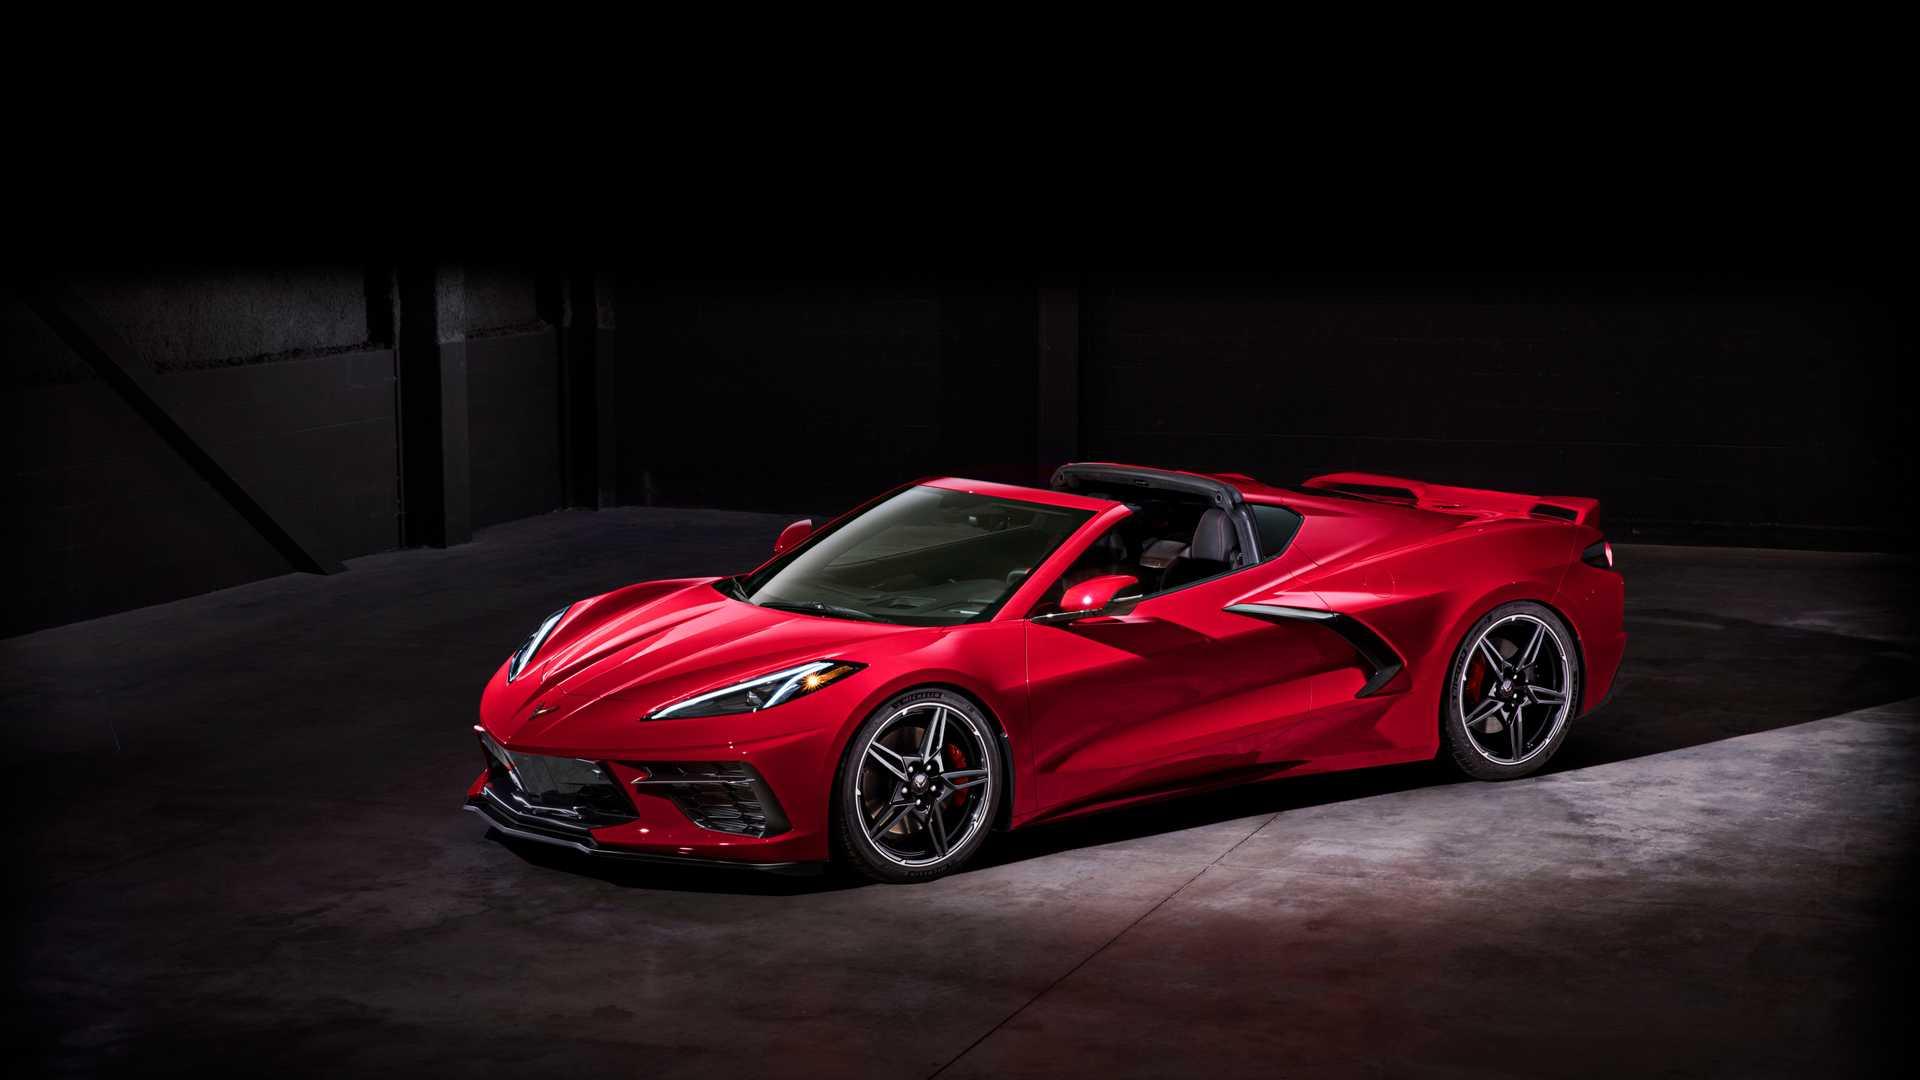 2020款雪佛兰Corvette C8 性价比最高中置发动机